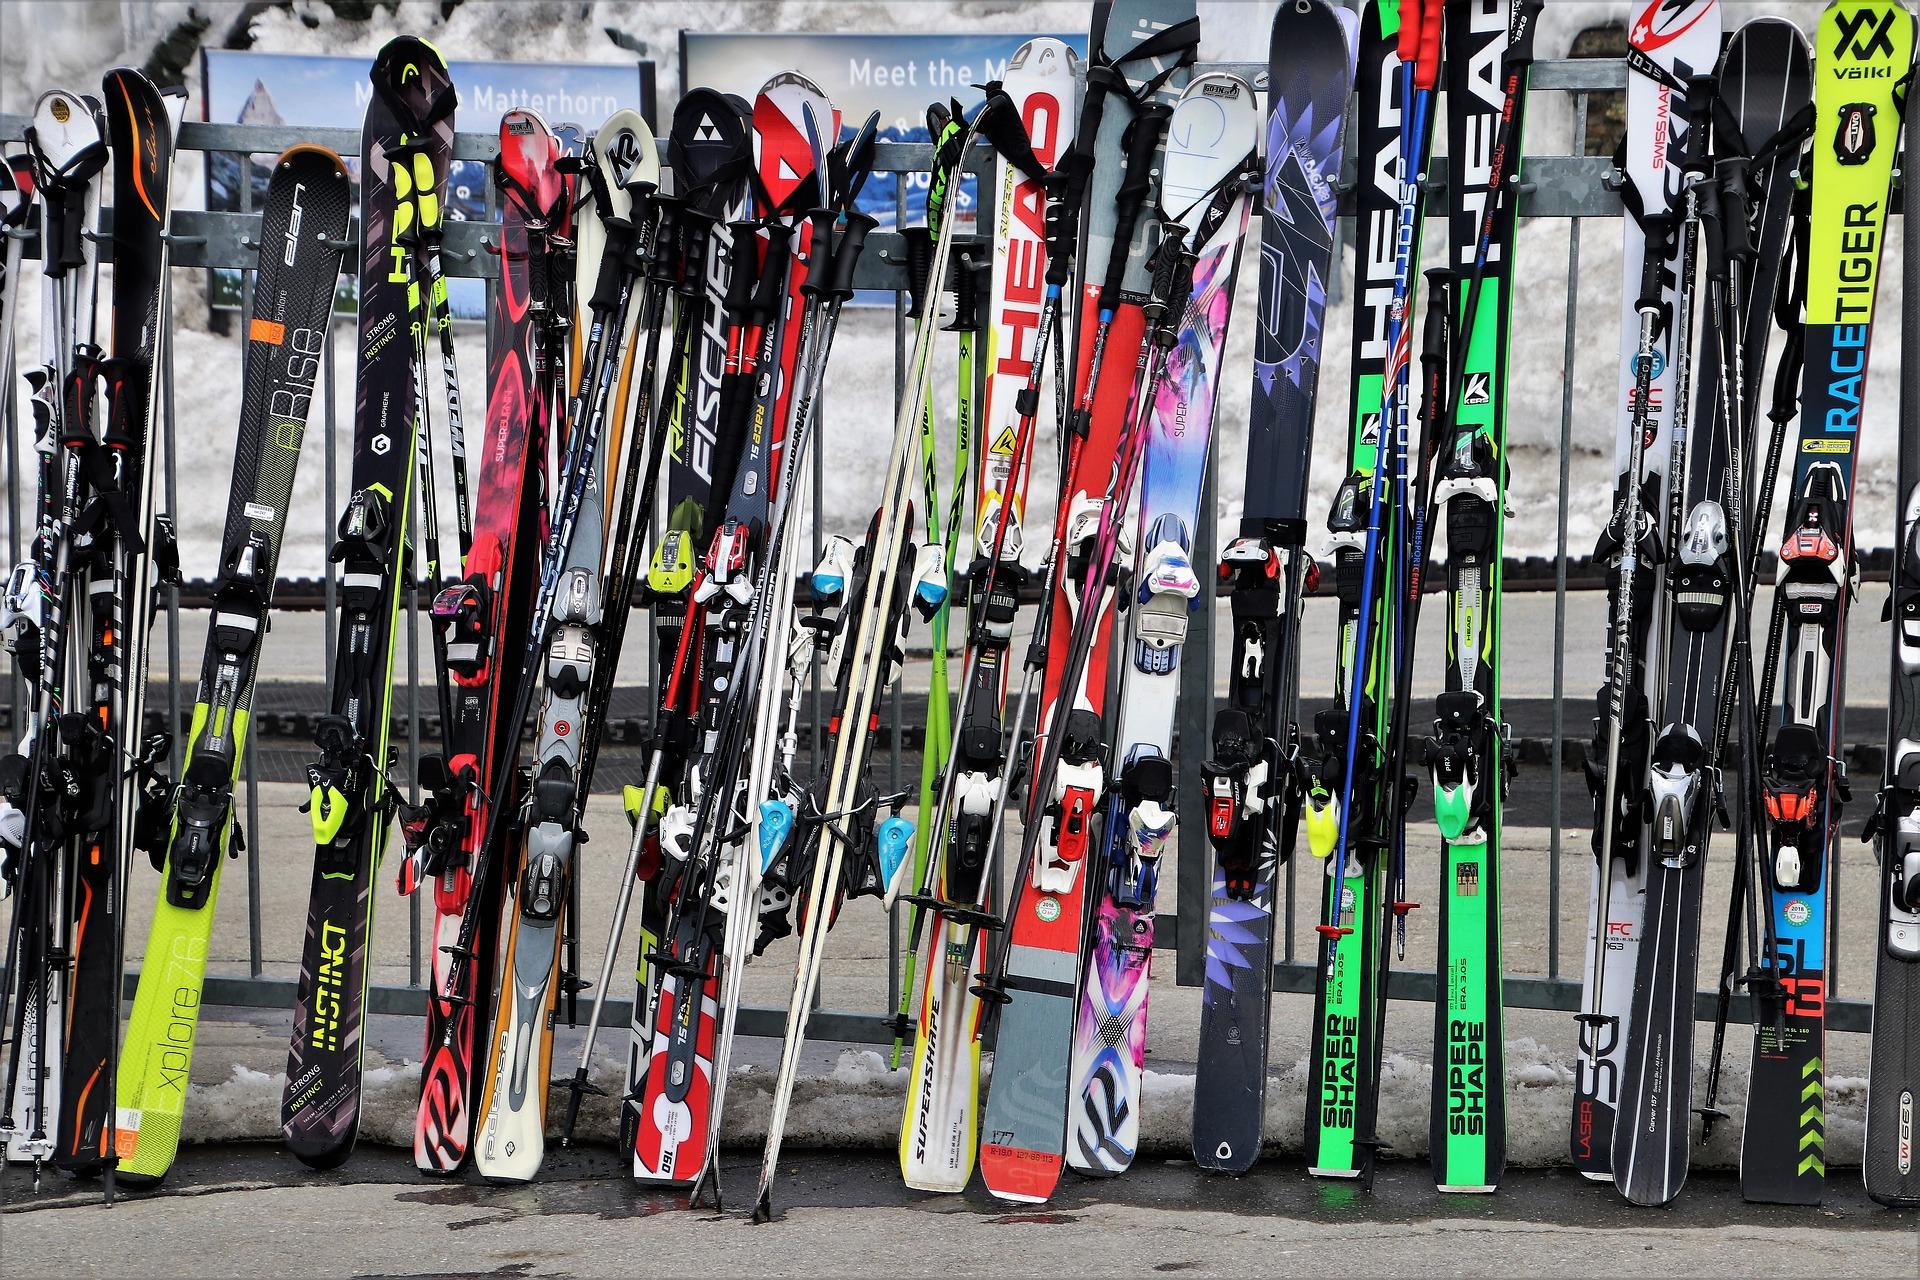 Equipación técnica para hacer esquí y snowboard: cómo elegir esquís, botas, bastones, tabla y fijaciones